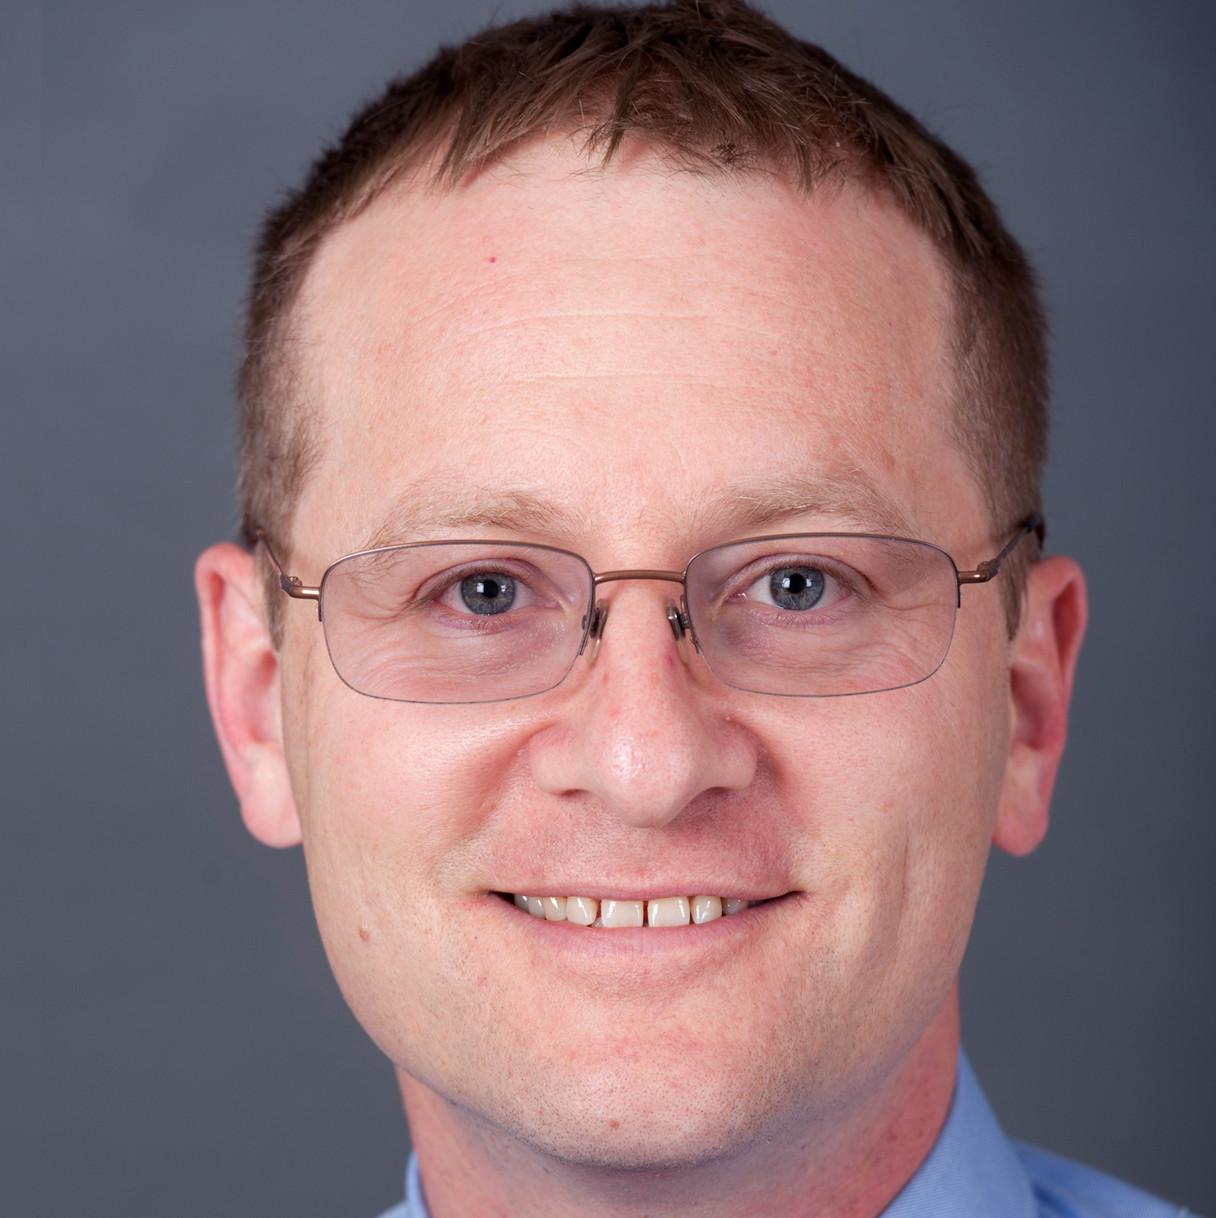 Dennis Rosen, M.D.'s avatar